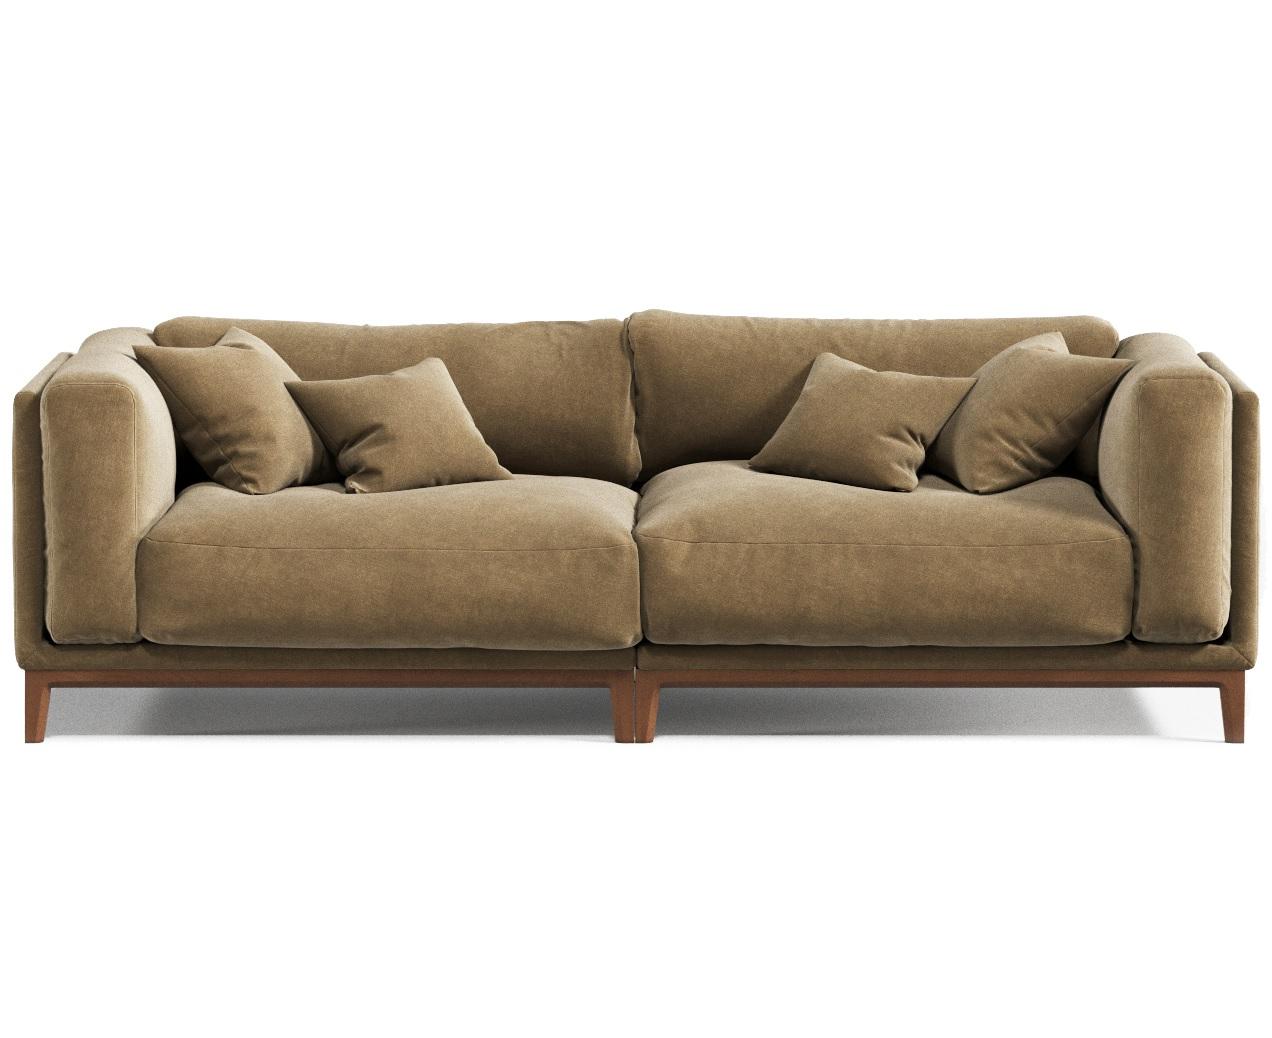 Диван Case 1Трехместные диваны<br>&amp;lt;div&amp;gt;Эта модель трехместного дивана подойдет в любые помещения благодаря модульной конструкции, современному дизайну и эргономичному наполнителю. Объемные подушки из прорезиненного пенополиуретана нескольких степеней жесткости вместе с удобной глубокой посадкой создают необычайно комфортную зону отдыха и легко восстанавливают форму.&amp;lt;br&amp;gt;&amp;lt;/div&amp;gt;&amp;lt;div&amp;gt;&amp;lt;br&amp;gt;&amp;lt;/div&amp;gt;&amp;lt;div&amp;gt;Все чехлы съемные, их легко стирать. Диваны не имеют оборотной стороны и могут устанавливаться в центре помещения. В комплекте с диваном поставляются декоративные подушки.&amp;amp;nbsp;&amp;lt;div&amp;gt;Диван Case доступен к заказу в нескольких категориях ткани и с 5 вариантами тонировки ножек. Кроме того, возможен заказ дивана Case в индивидуальном размере и в собственной ткани.&amp;lt;/div&amp;gt;&amp;lt;div&amp;gt;Вы можете выбрать любой цвет обивки из палитры. В категории 1 цена без изменения. Категории 2 и 3 цена по запросу у менеджера.&amp;amp;nbsp;&amp;lt;div&amp;gt;Также возможны нестандартные варианты сочетания обивки и отделки дивана. Гарантия на изделия составляет 3 года.&amp;lt;/div&amp;gt;&amp;lt;/div&amp;gt;&amp;lt;/div&amp;gt;<br><br>Material: Текстиль<br>Length см: None<br>Width см: 248<br>Depth см: 94<br>Height см: 80<br>Diameter см: None